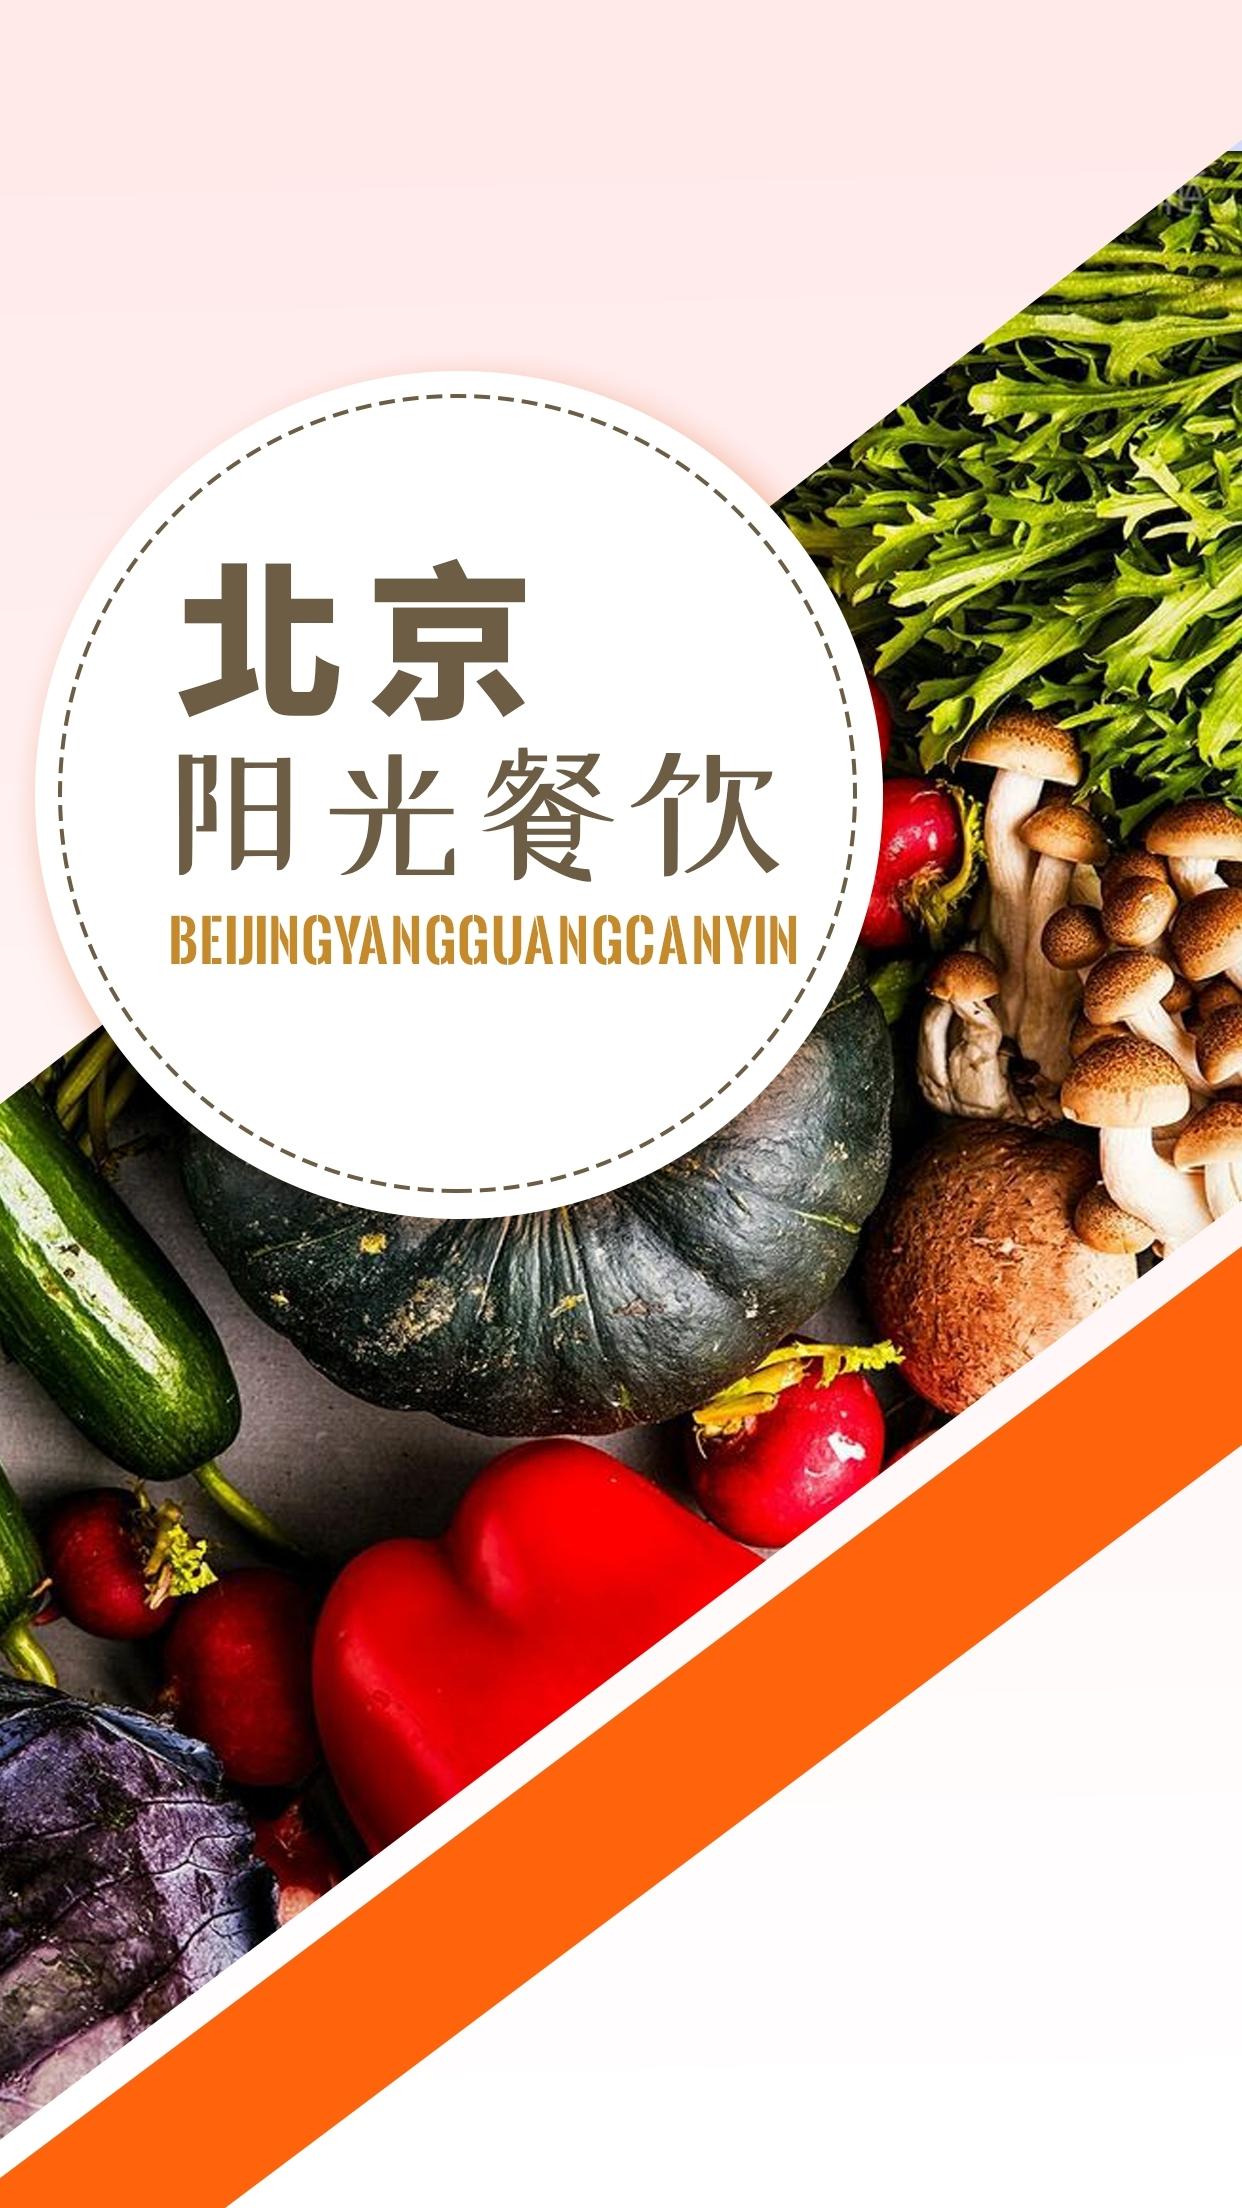 北京阳光餐饮